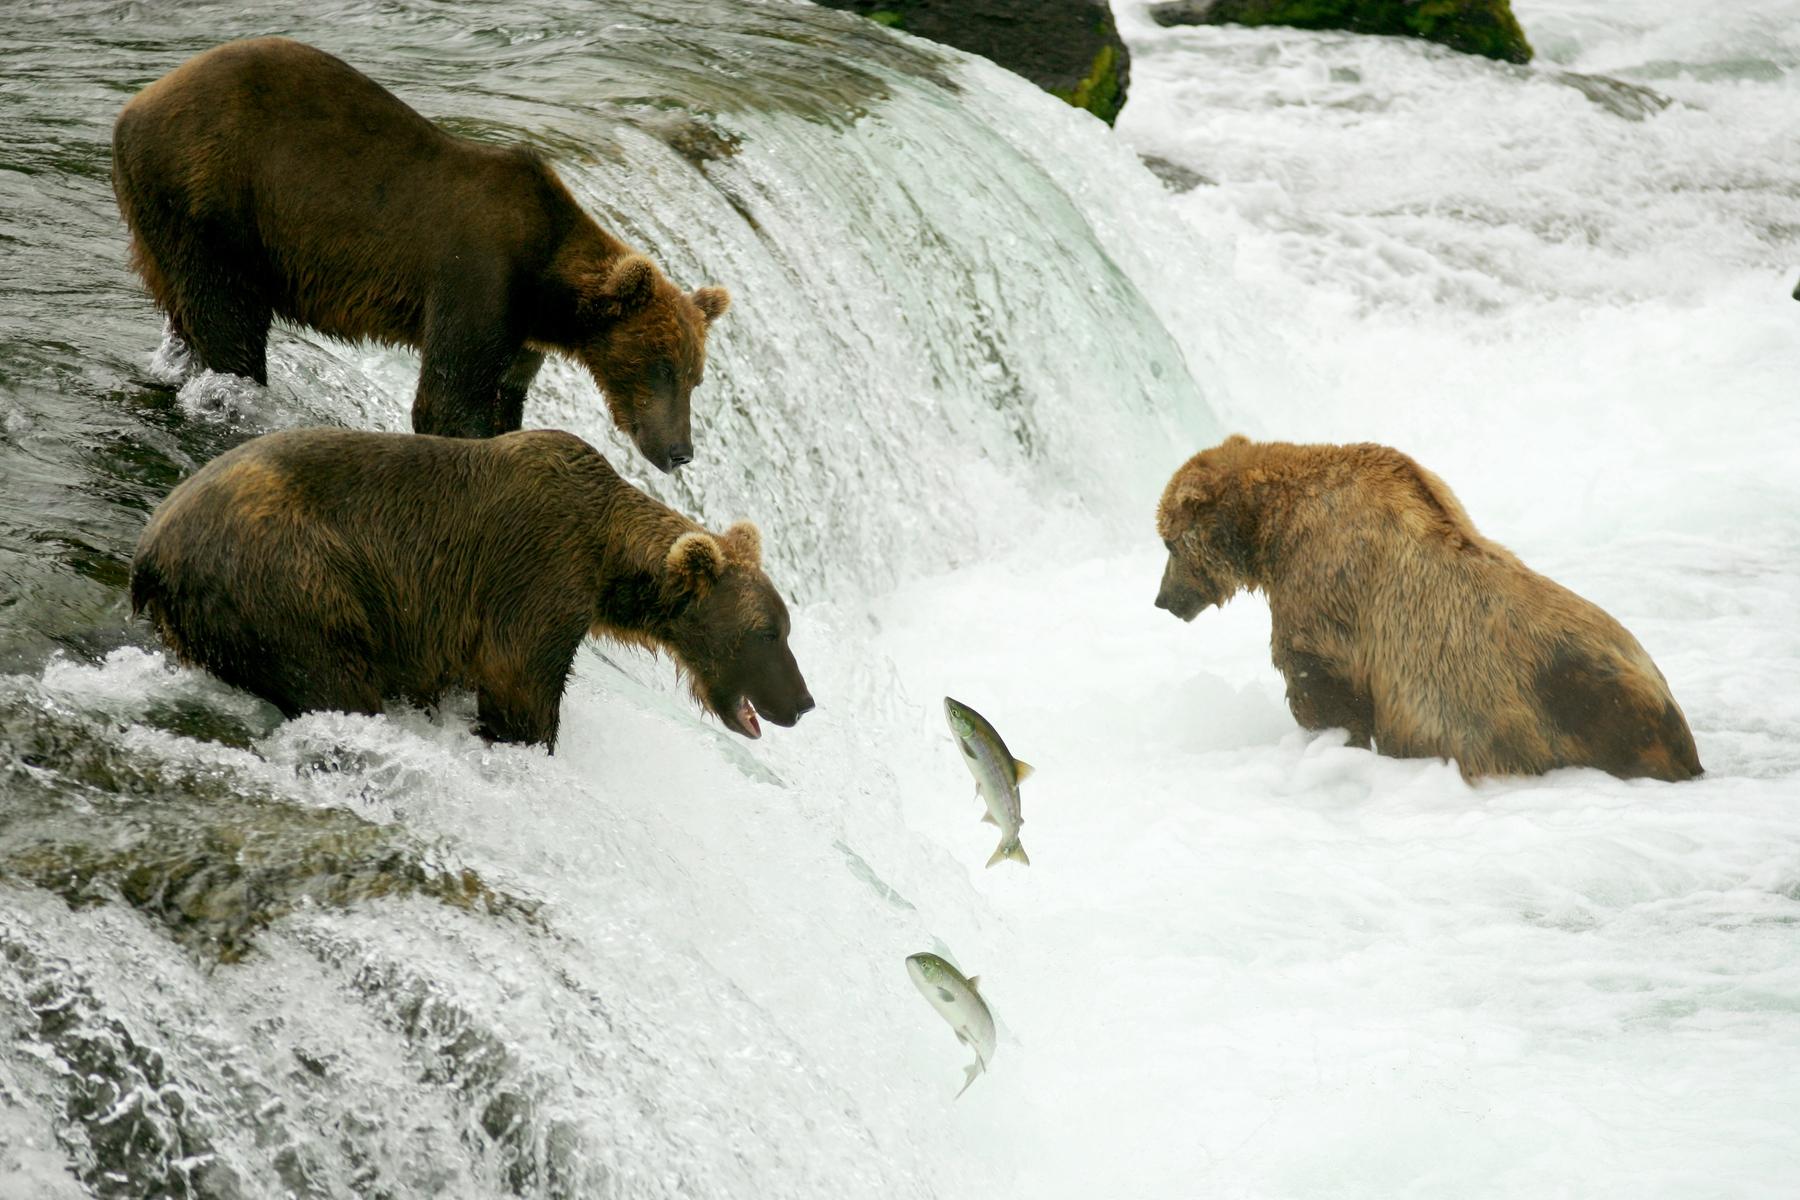 bears catching fish